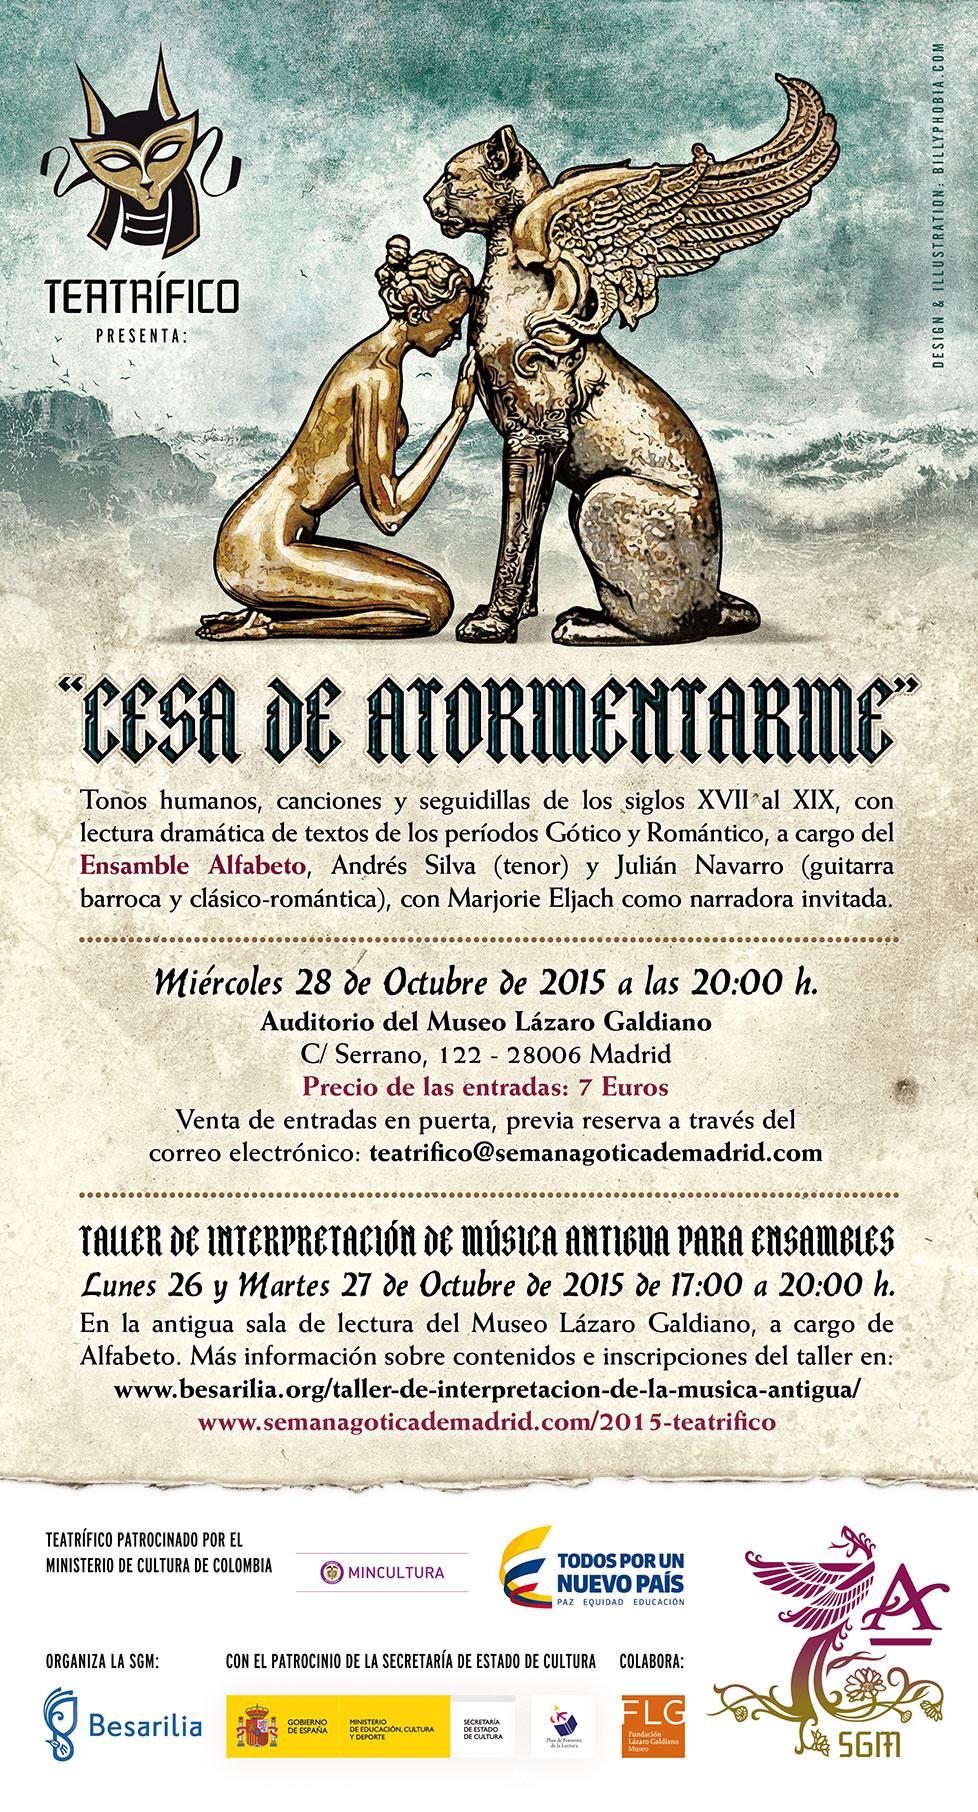 VII Edición de Teatrífico. Artes escénicas de la Semana Gótica de Madrid